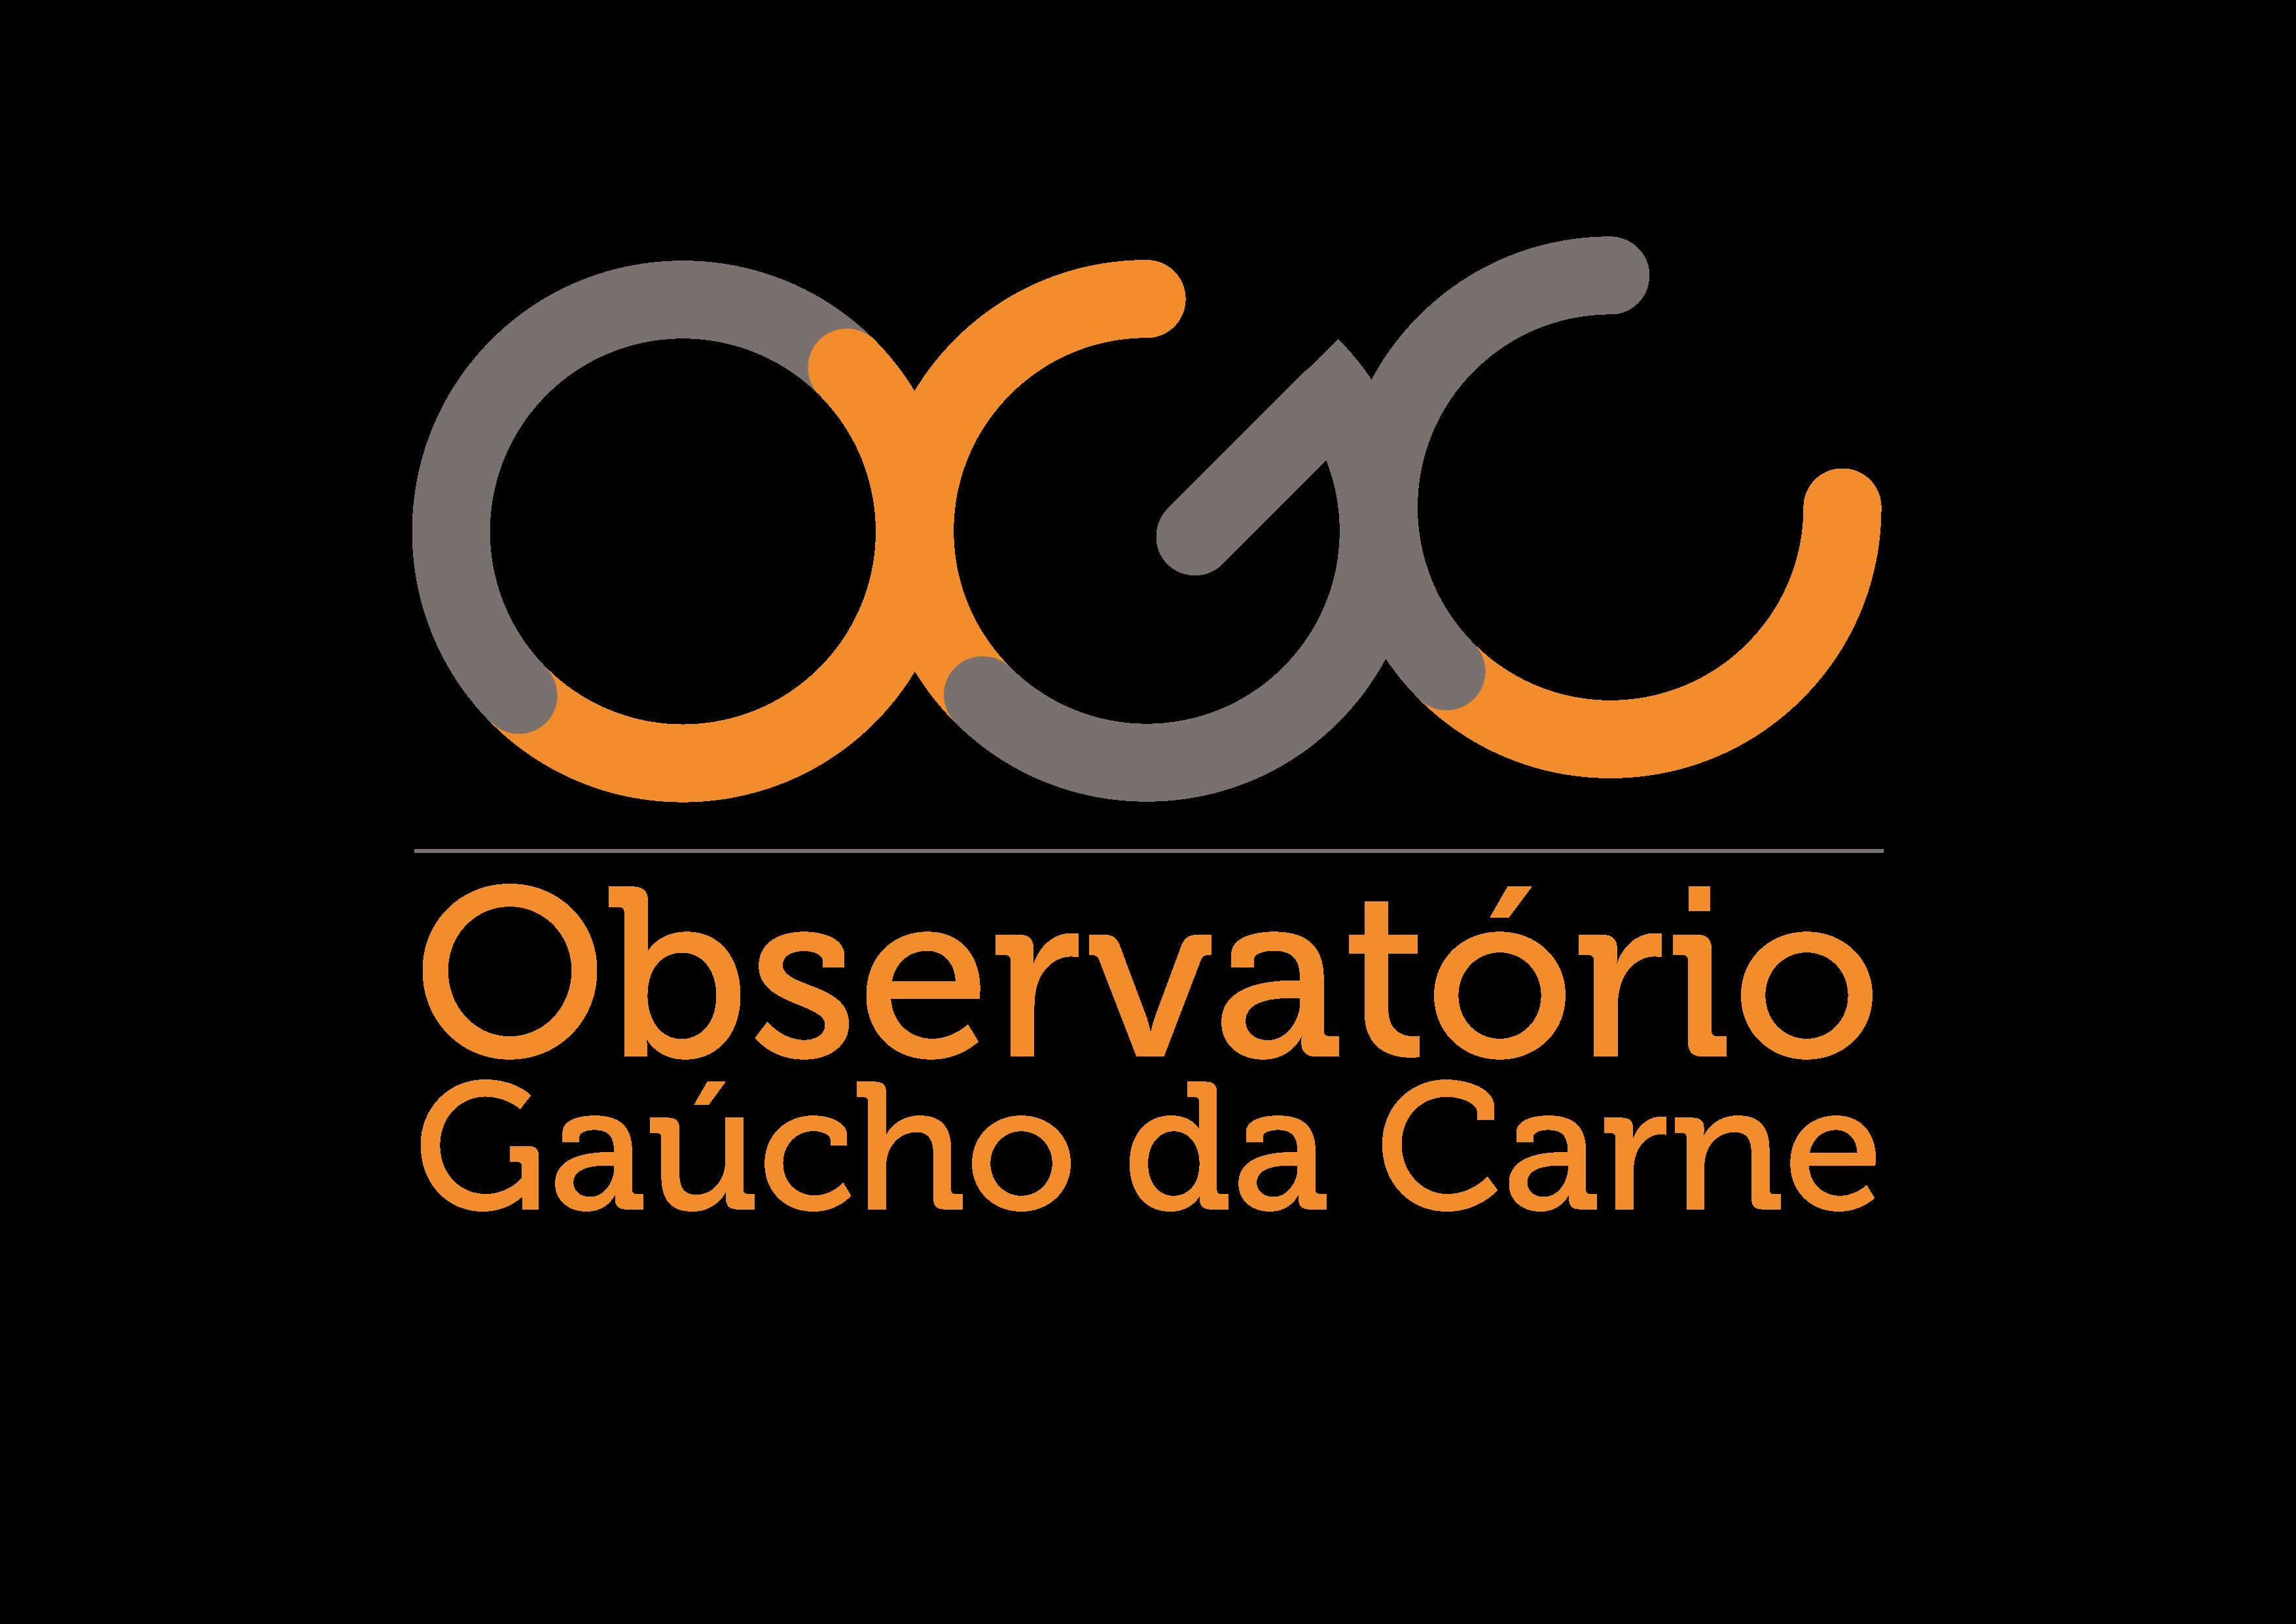 Observatório Gaúcho da Carne